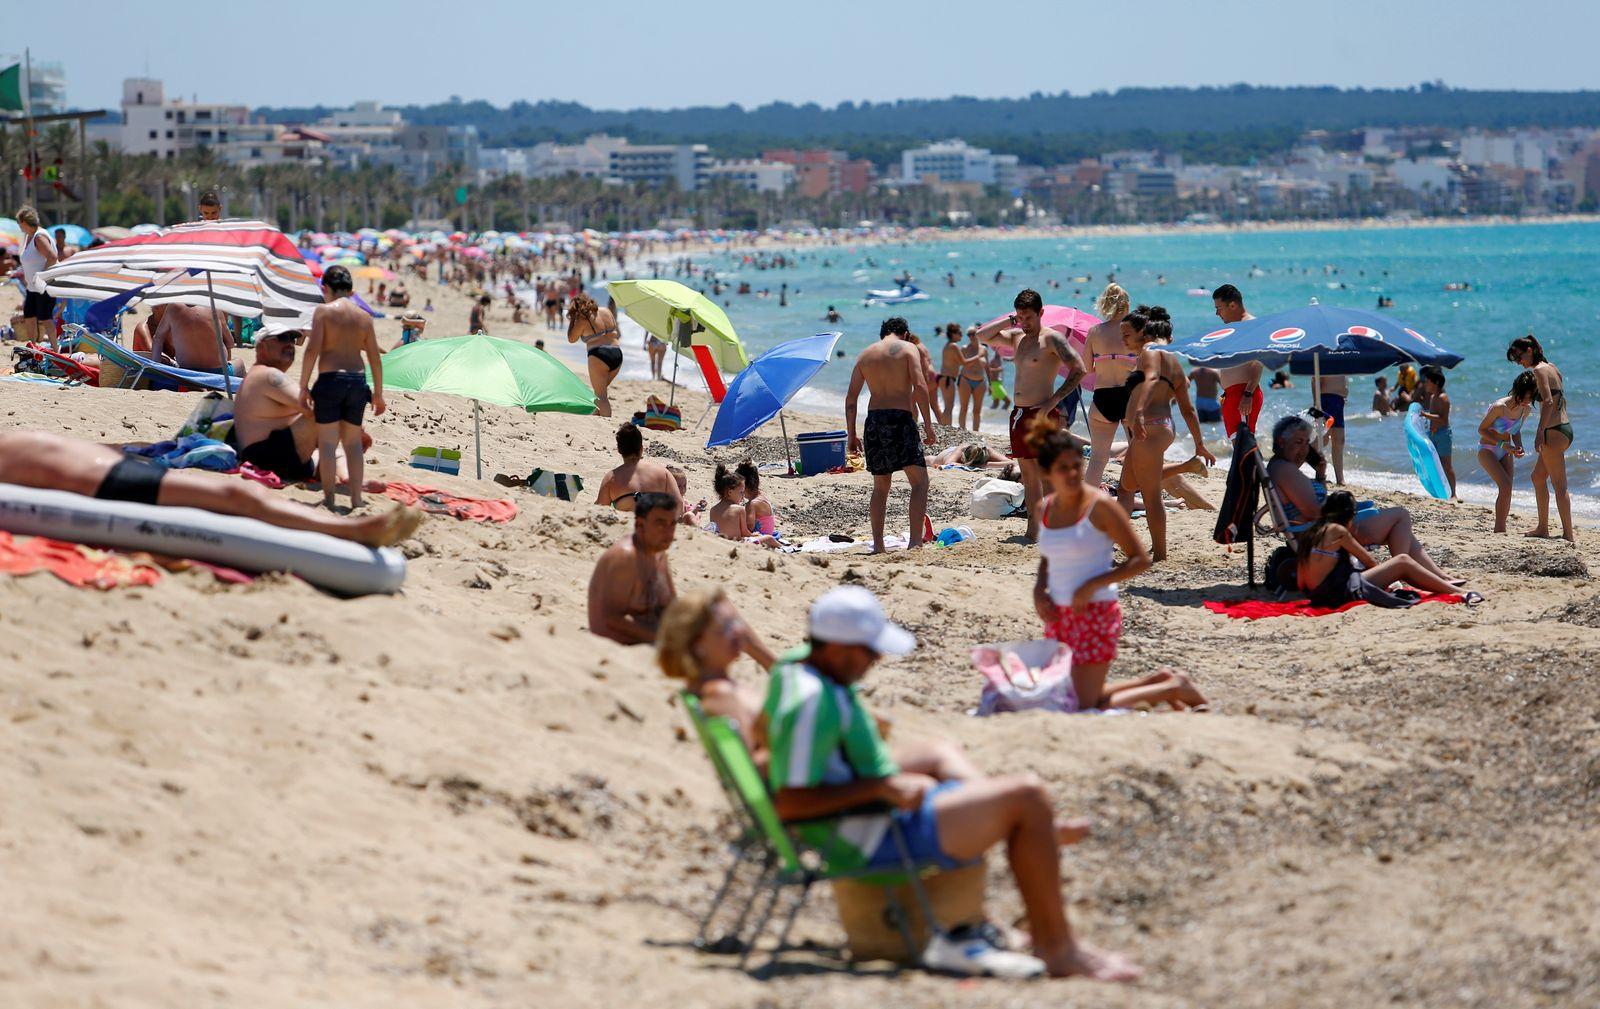 People sunbathe on Playa de Palma beach in Palma de Mallorca